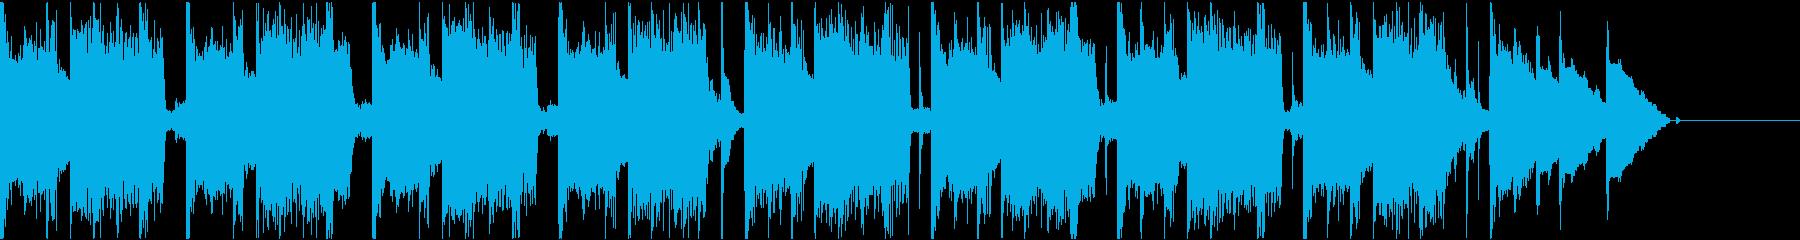 レトロゲームっぽいゲームオーバーBGMの再生済みの波形